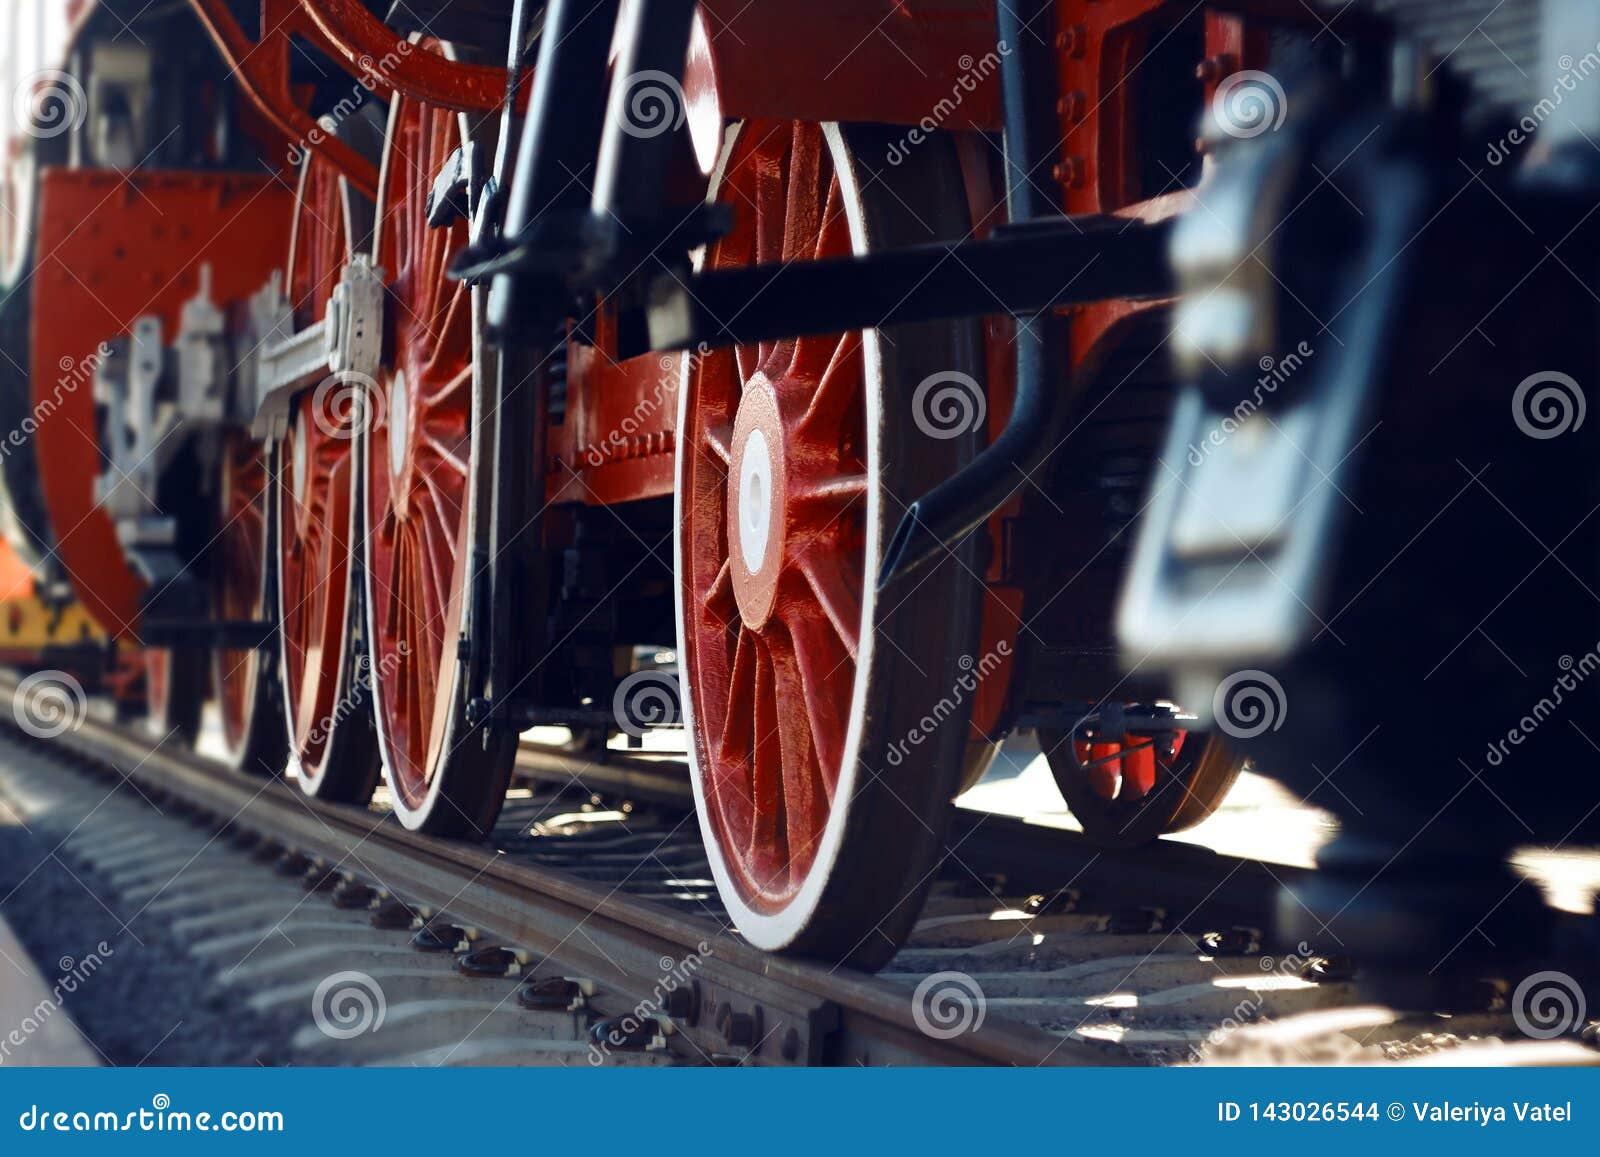 Οι κόκκινες ρόδες μιας παλαιάς εκλεκτής ποιότητας ατμομηχανής ατμού